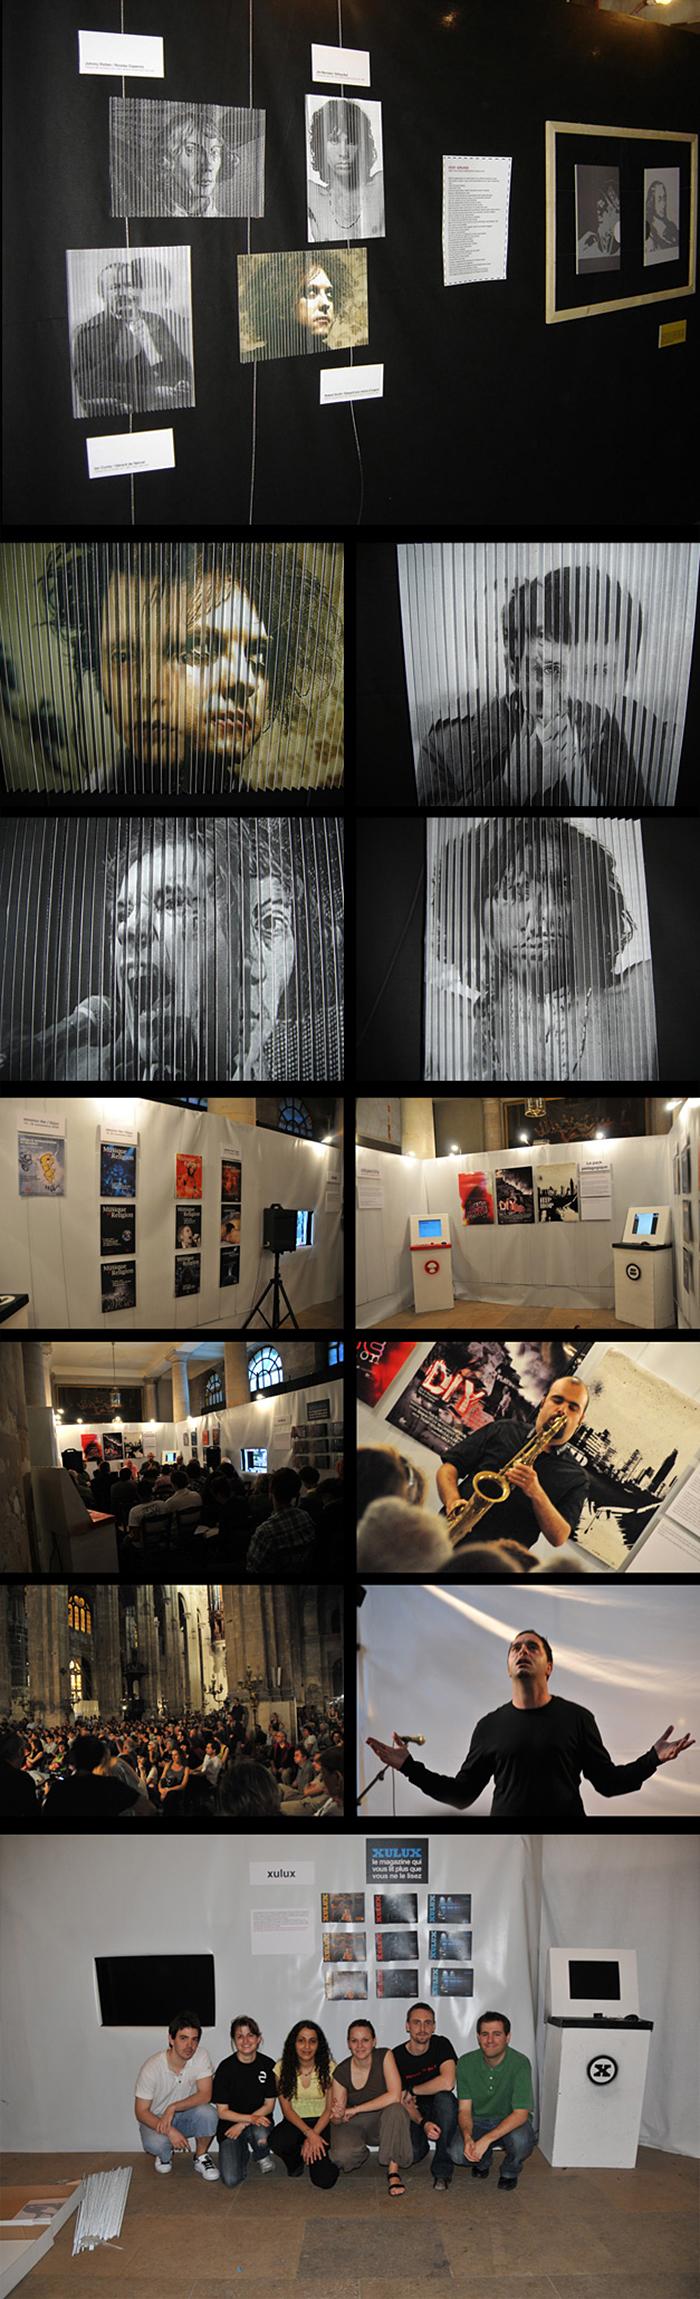 Porfolio da-conceicao.com : événementiels : Saint-Eustache : La nuit des nouveaux arts sacrés. exposition